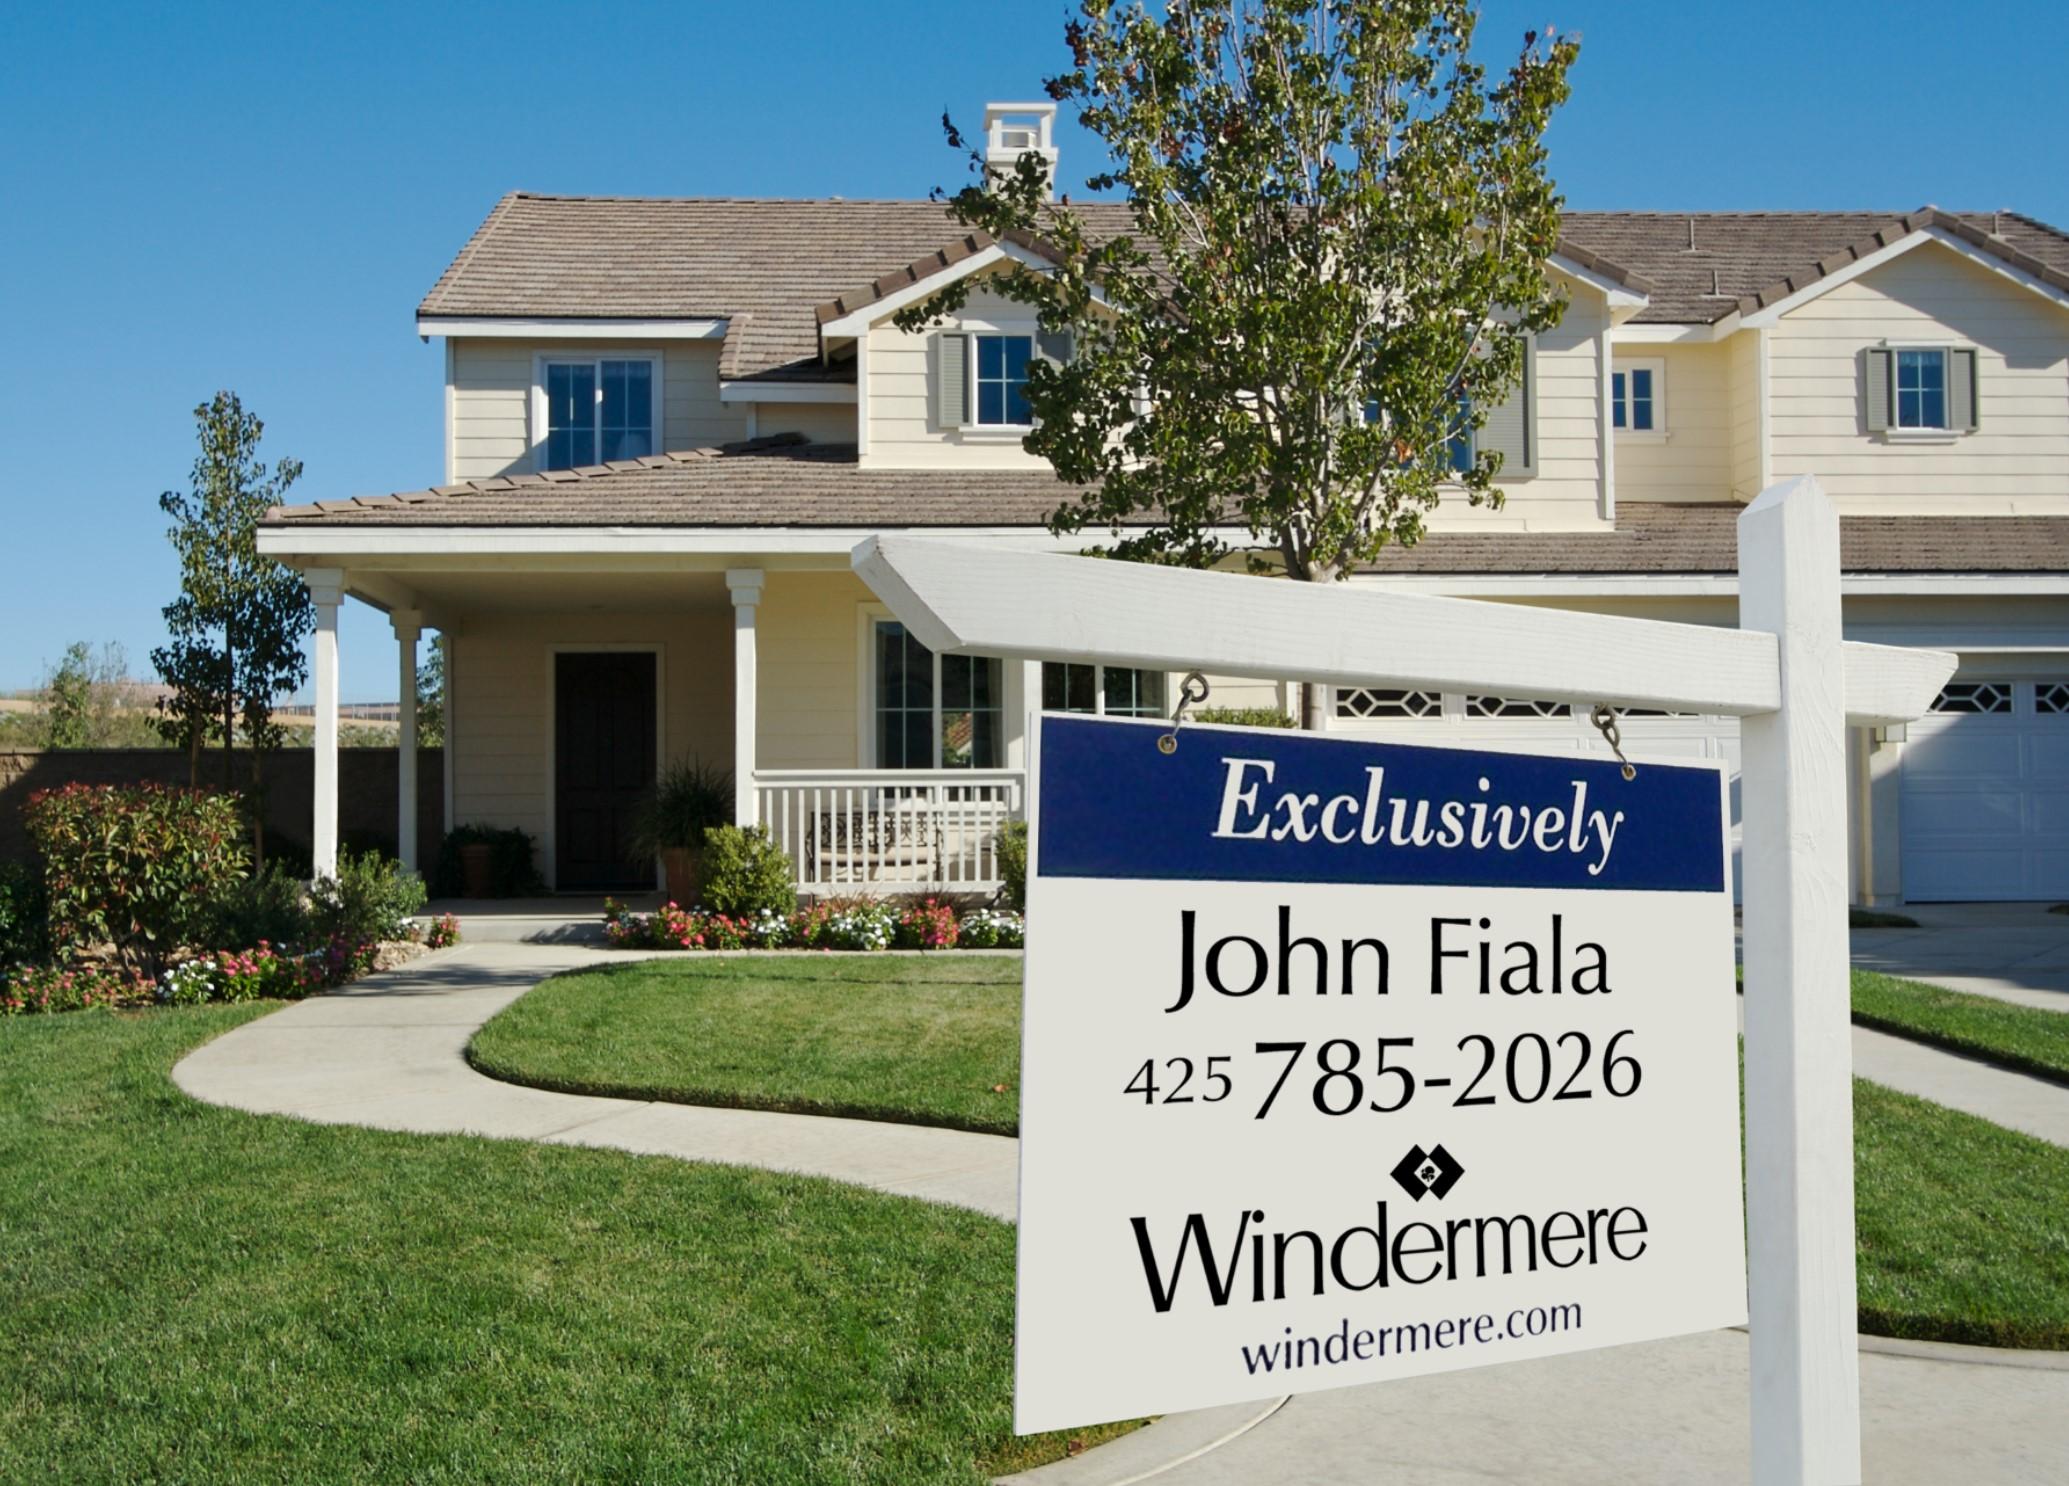 John Fiala Windermere